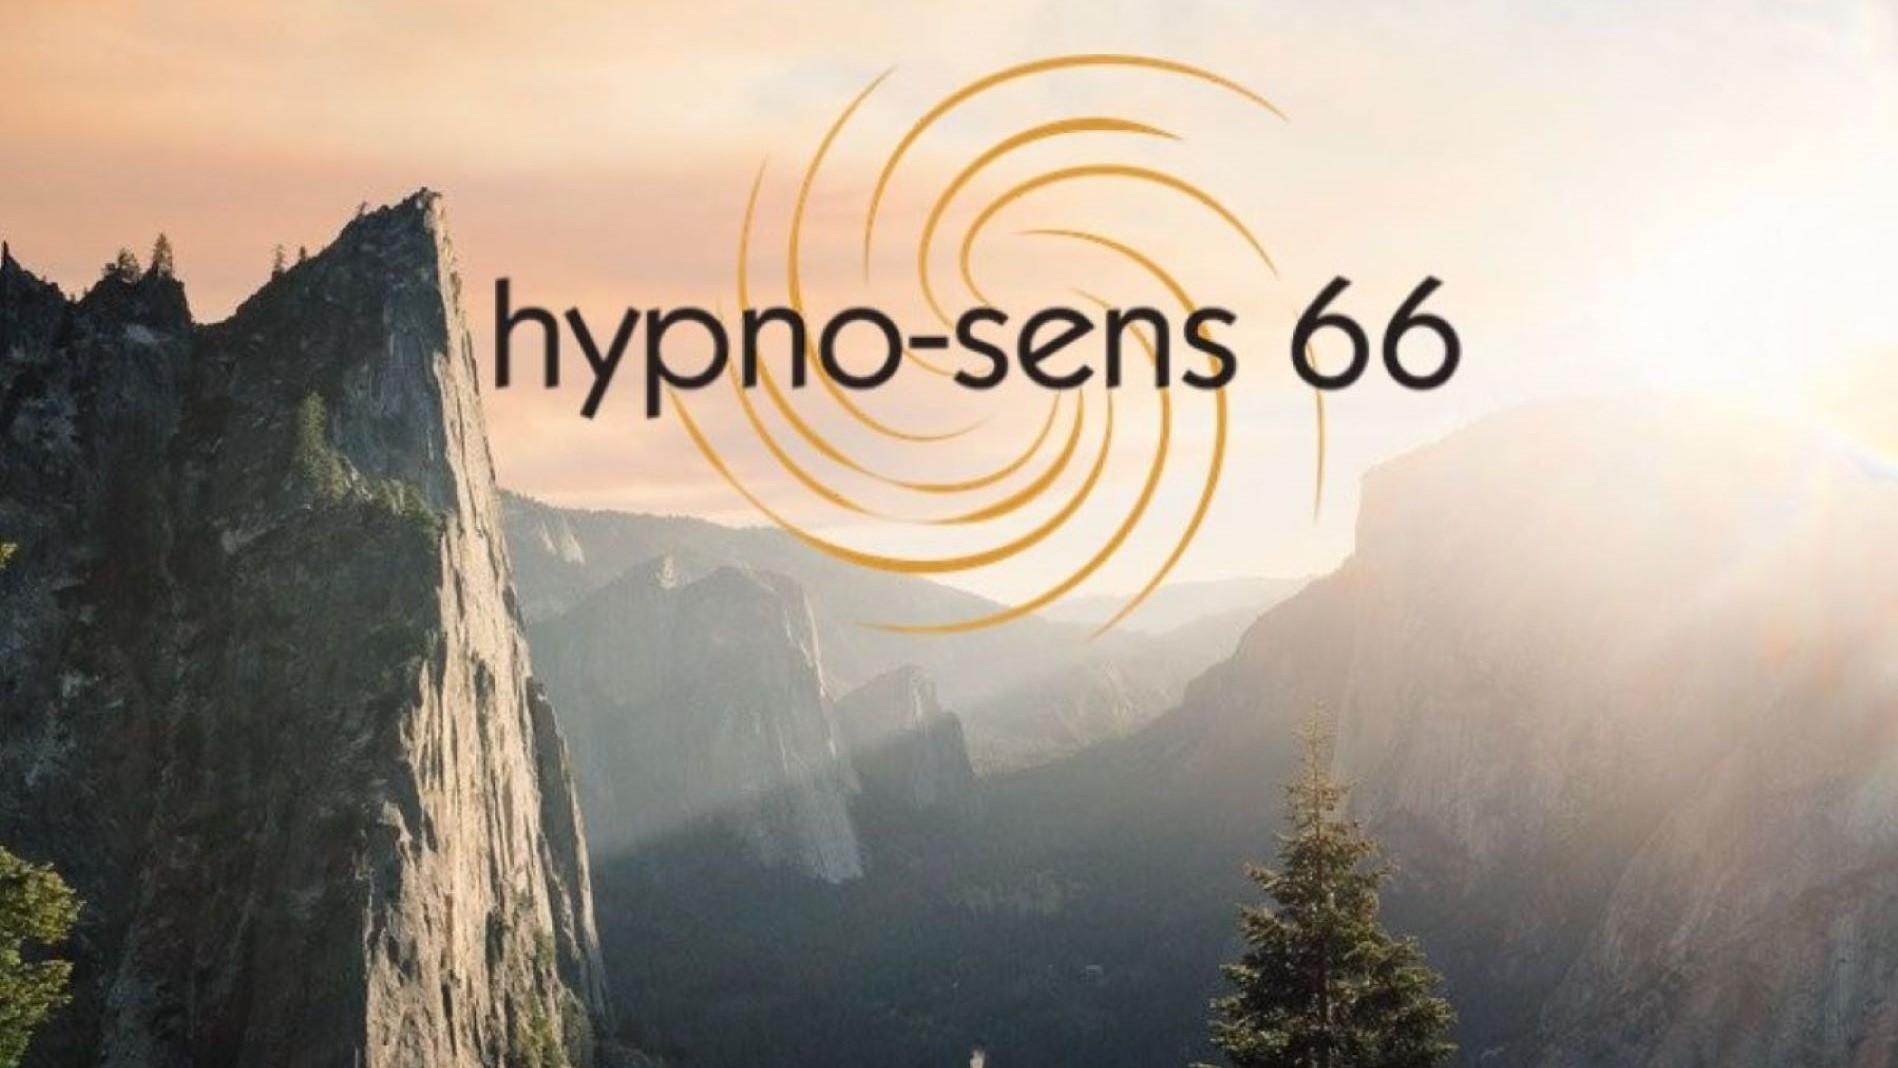 HYPNO-SENS 66